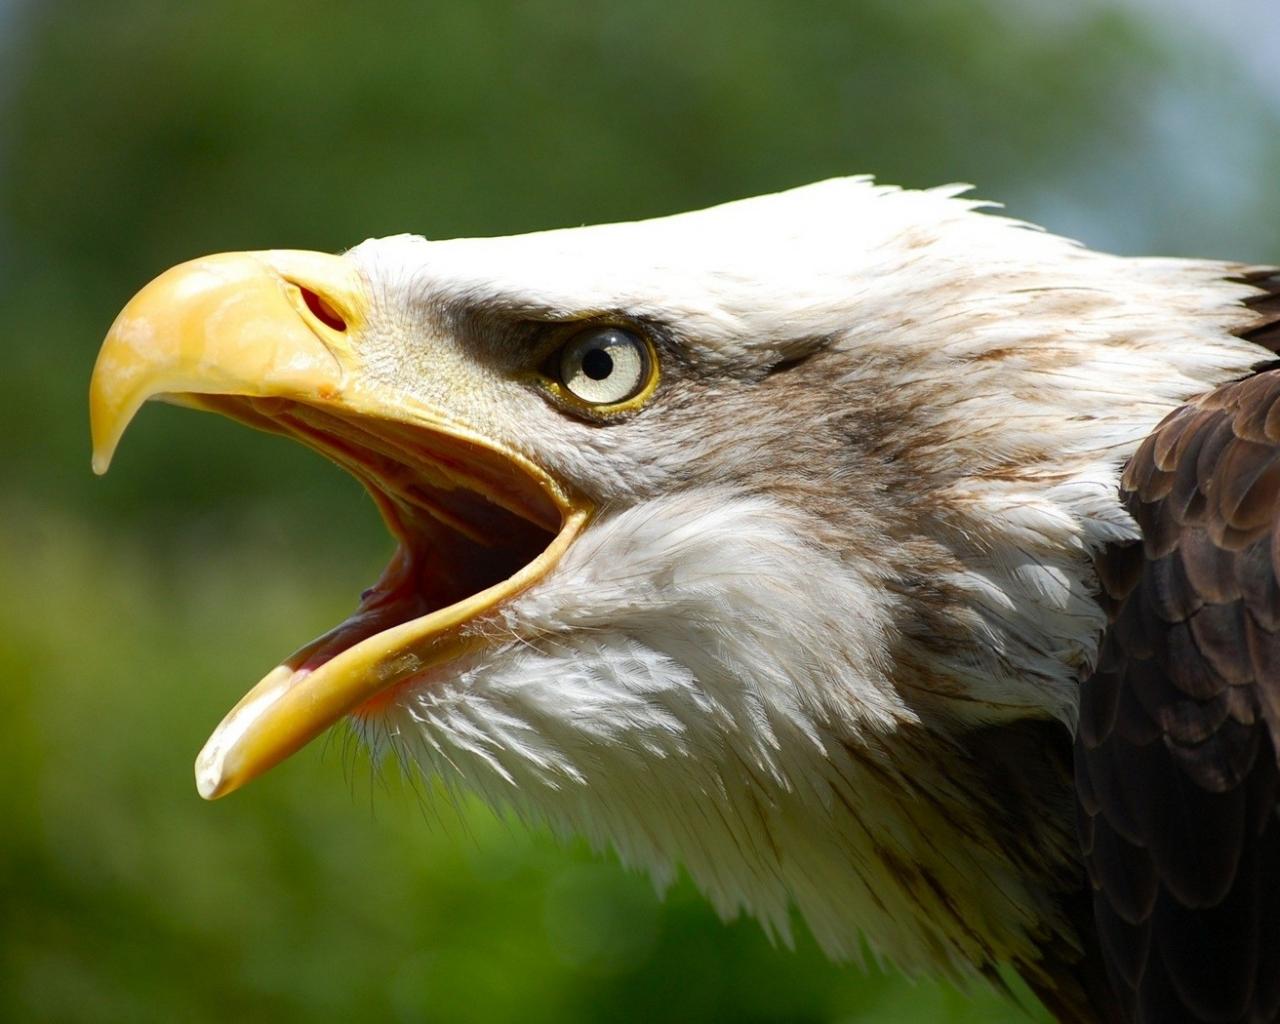 Aguila abriendo la boca - 1280x1024